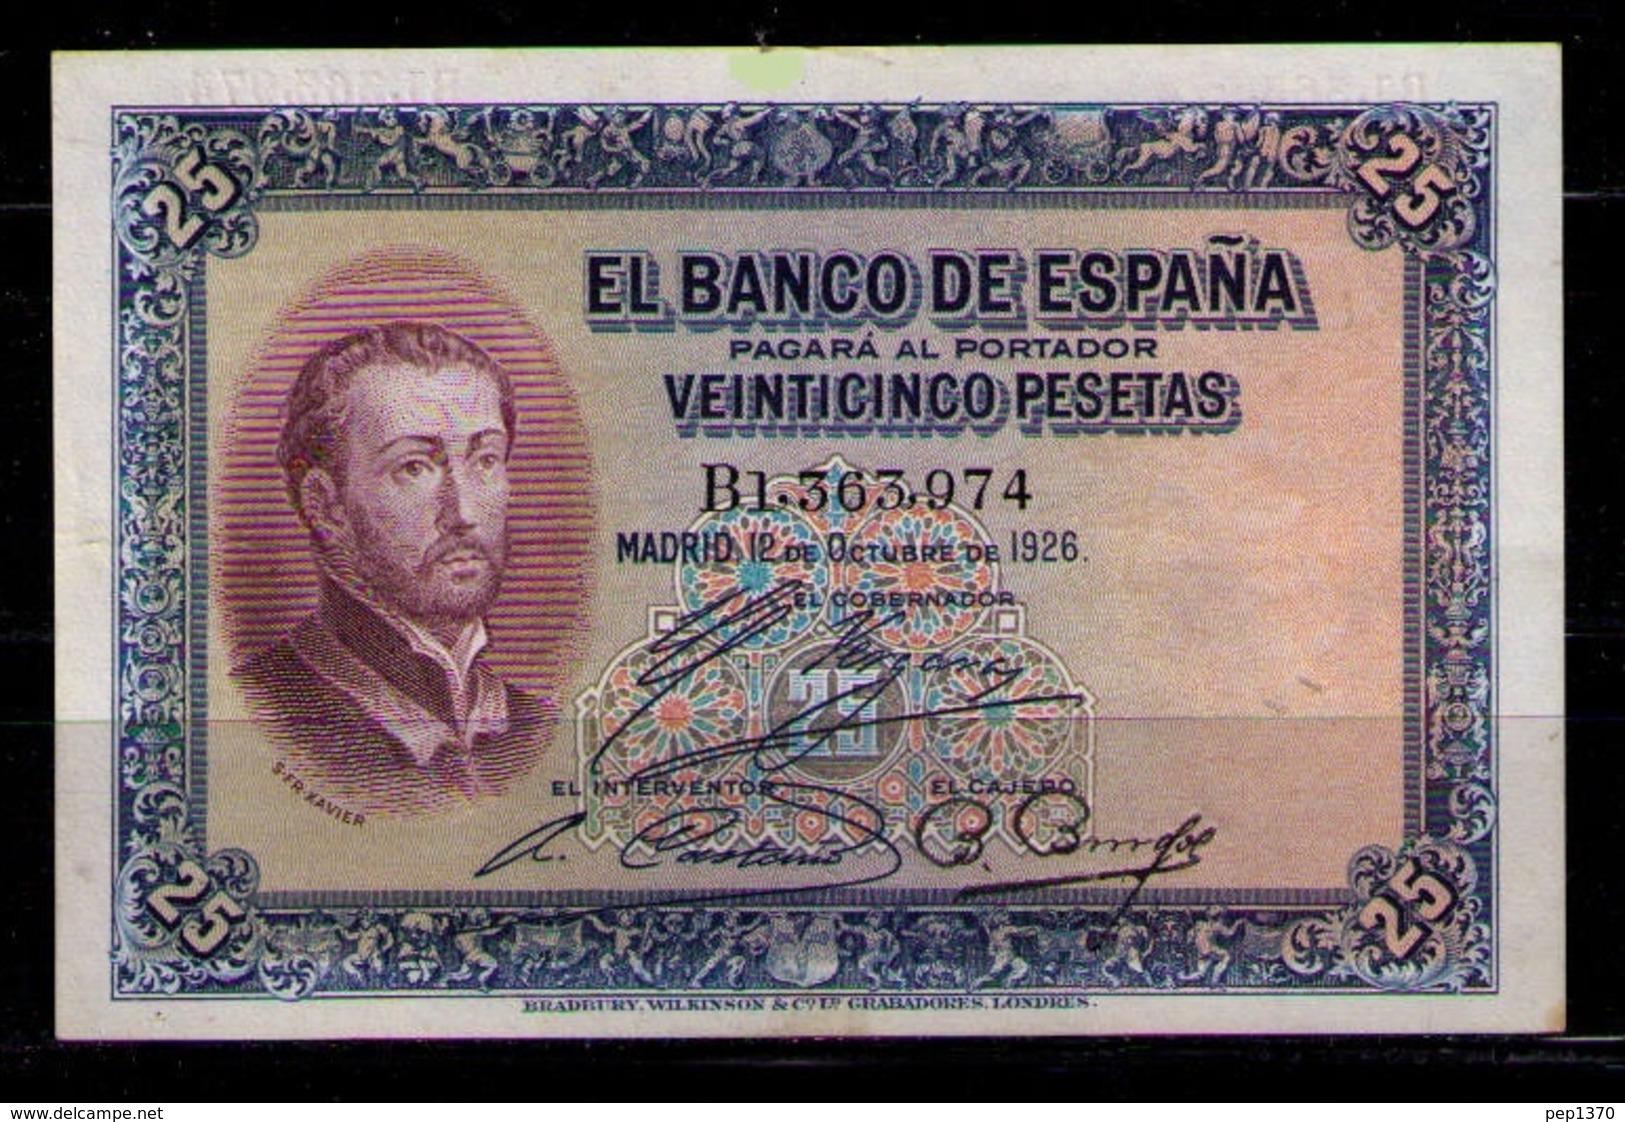 ESPAÑA - BILLETE DE 25 PESETAS DE 1926 - EXCELENTE - 1-2-5-25 Pesetas